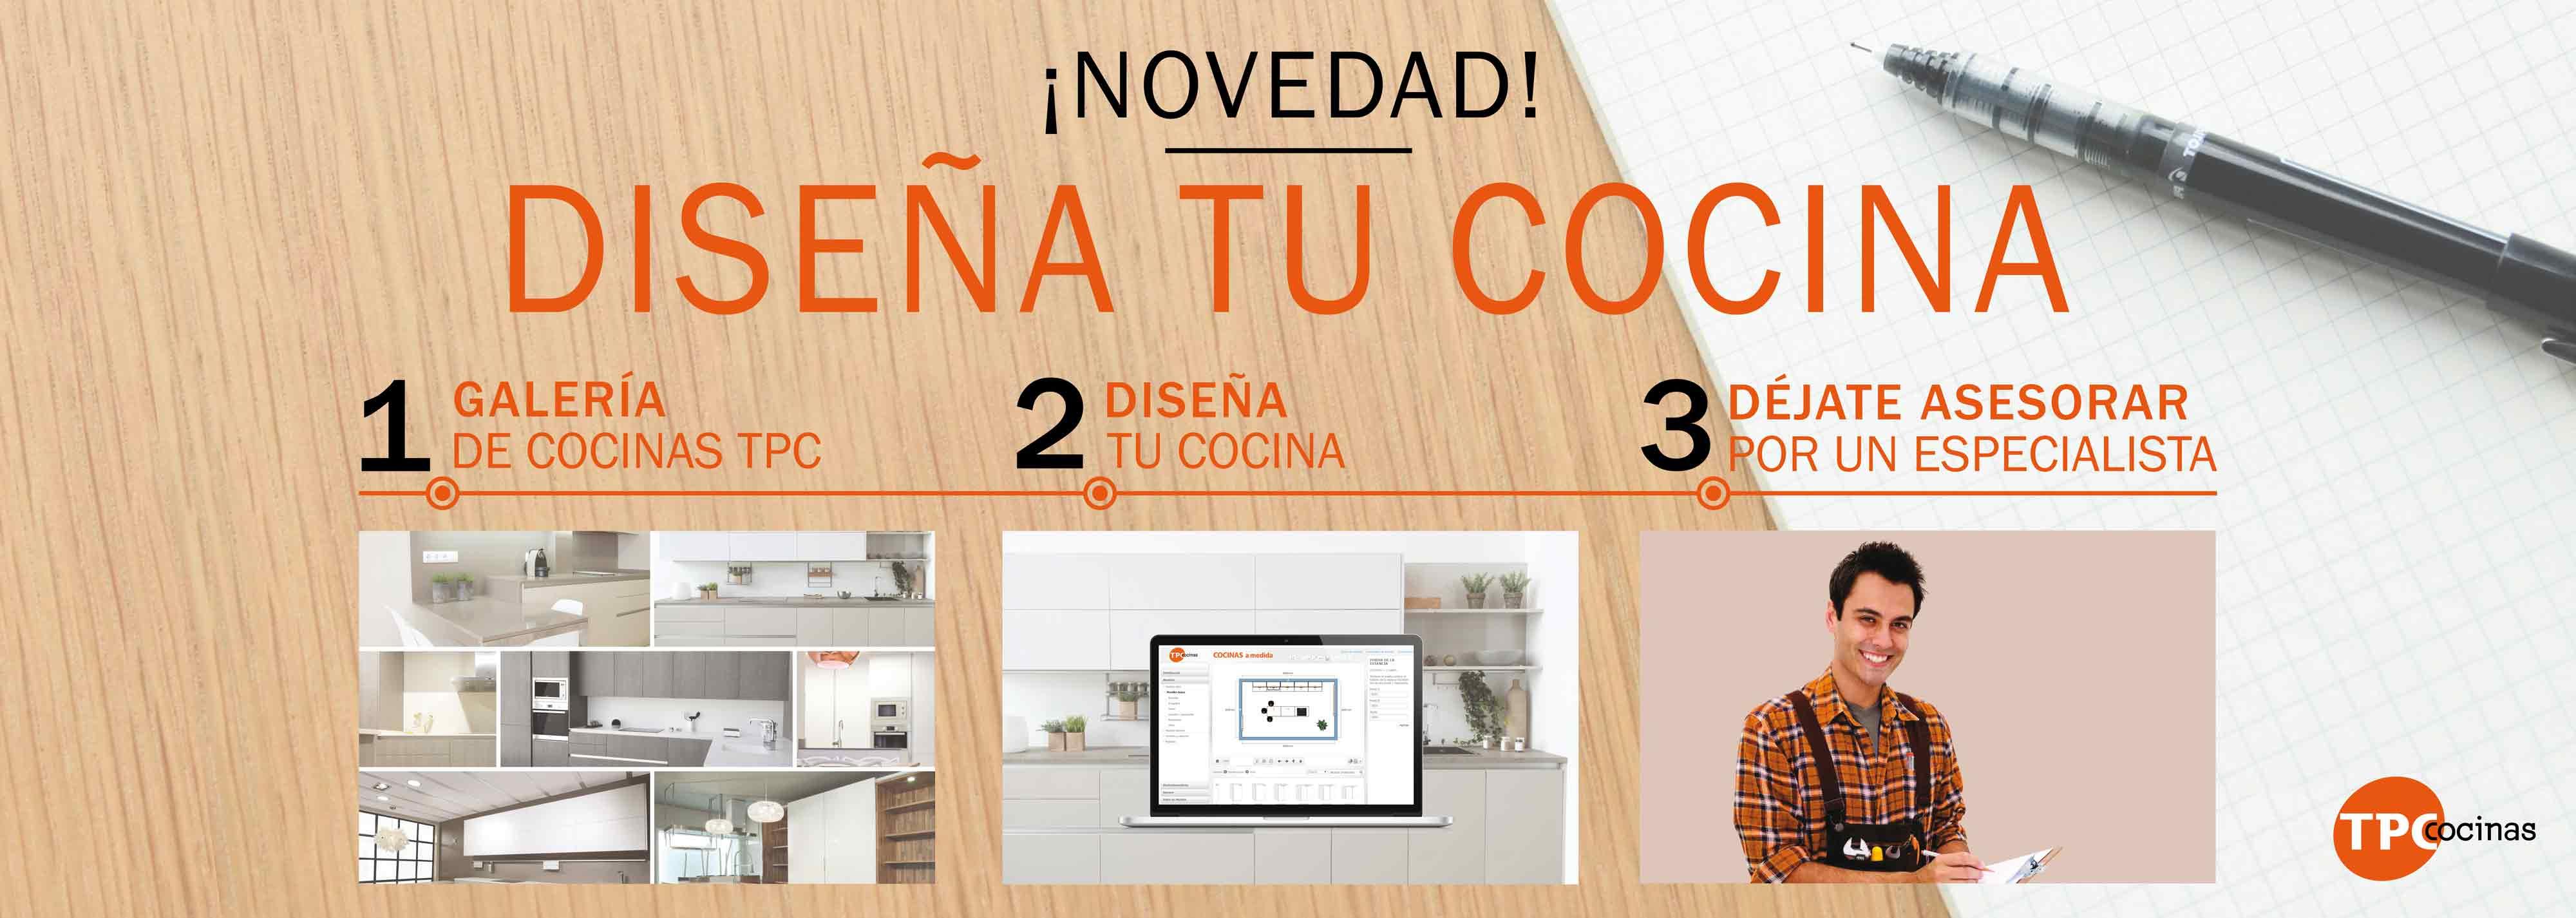 Programas diseo cocinas 3d gratis espaol programa para for Programa para disenar muebles gratis espanol